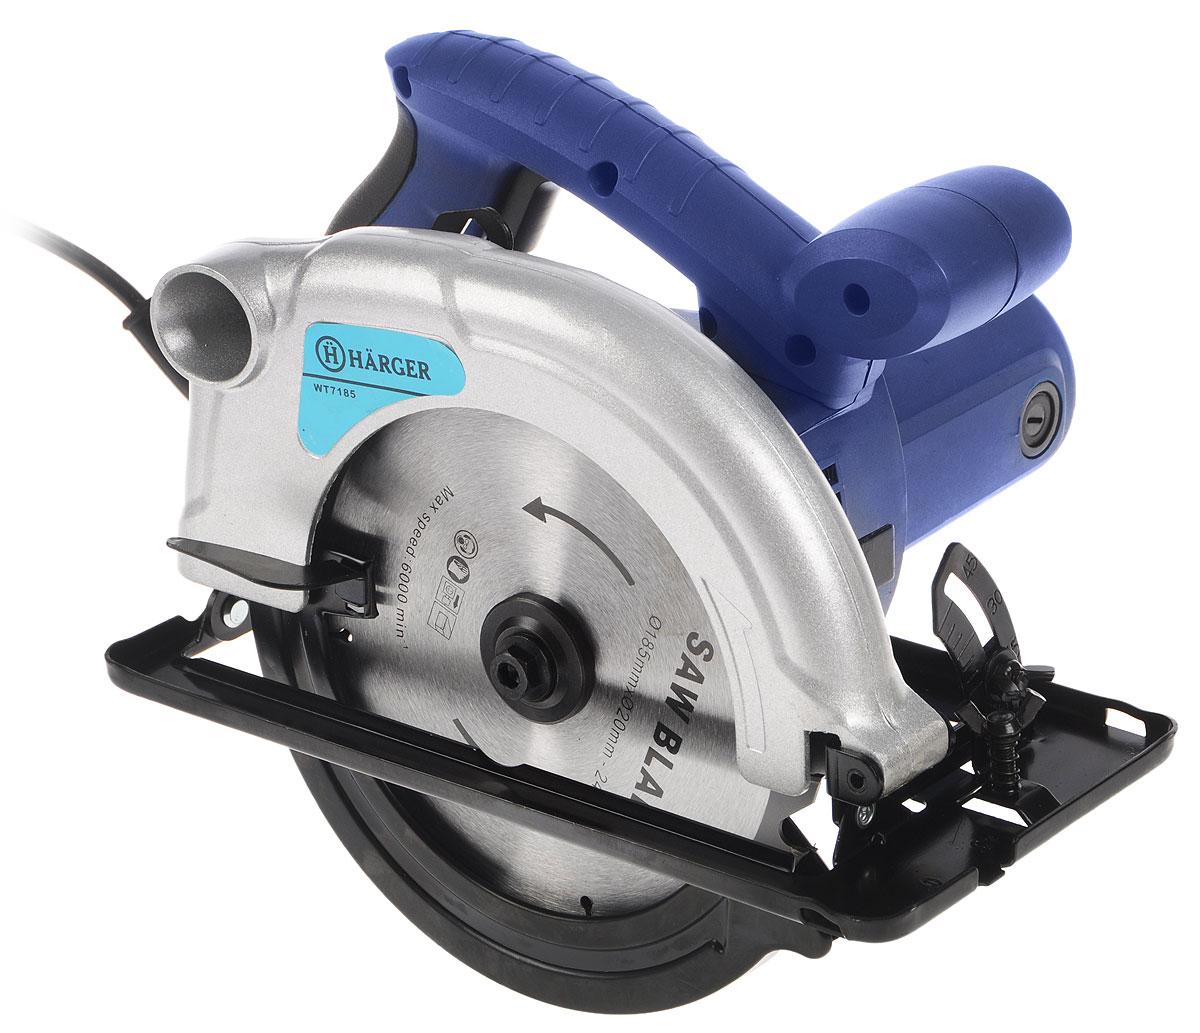 Пила циркулярная Harger WT7185WT7185Ручная циркулярная пила Harger WT7185 - это инструмент с электродвигателем мощностью 1200 Вт. Инструмент предназначен для прямого пиления и под углом до 45 градусов заготовок из различных сортов древесины толщиной до 62,5 мм. Изделие выполнено из прочного пластика и металла.Глубина пропила 90°: 62,5 мм.Глубина пропила 45°: 43,5 мм.